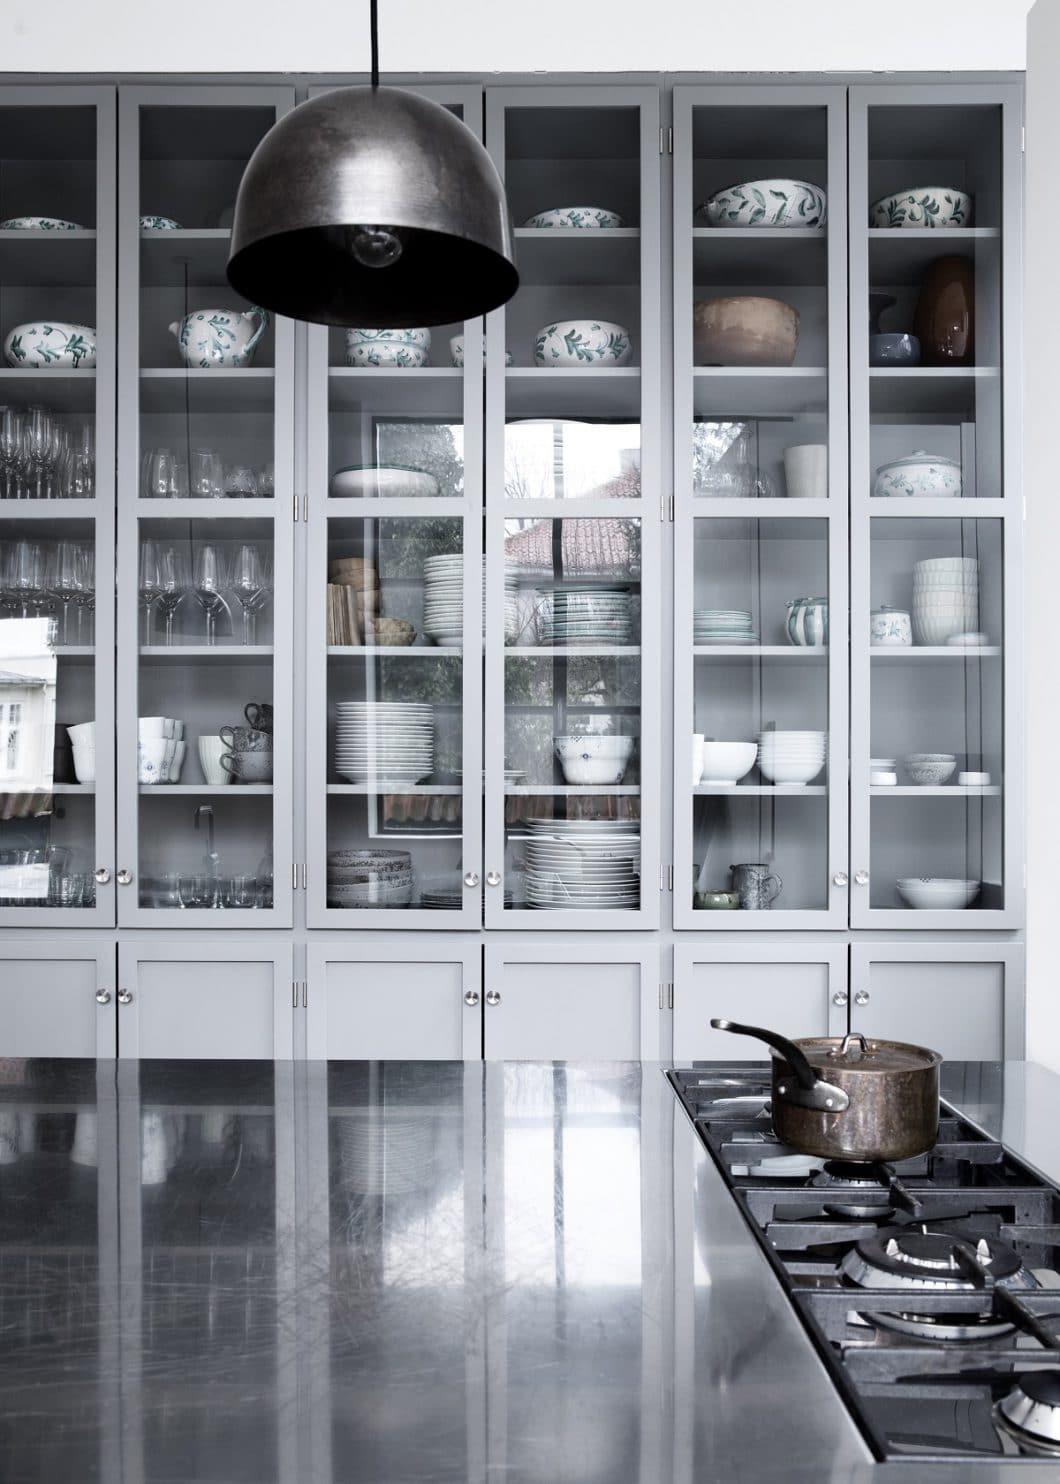 Kleine Eigenheiten, für die wir die Dänen lieben: Atelierfenster, die das Küchengeschirr zur Geltung bringen. Und ungewöhnlich angebrachte Kochfelder, von beiden Seiten zugänglich. (Foto: Line Thit Klein)